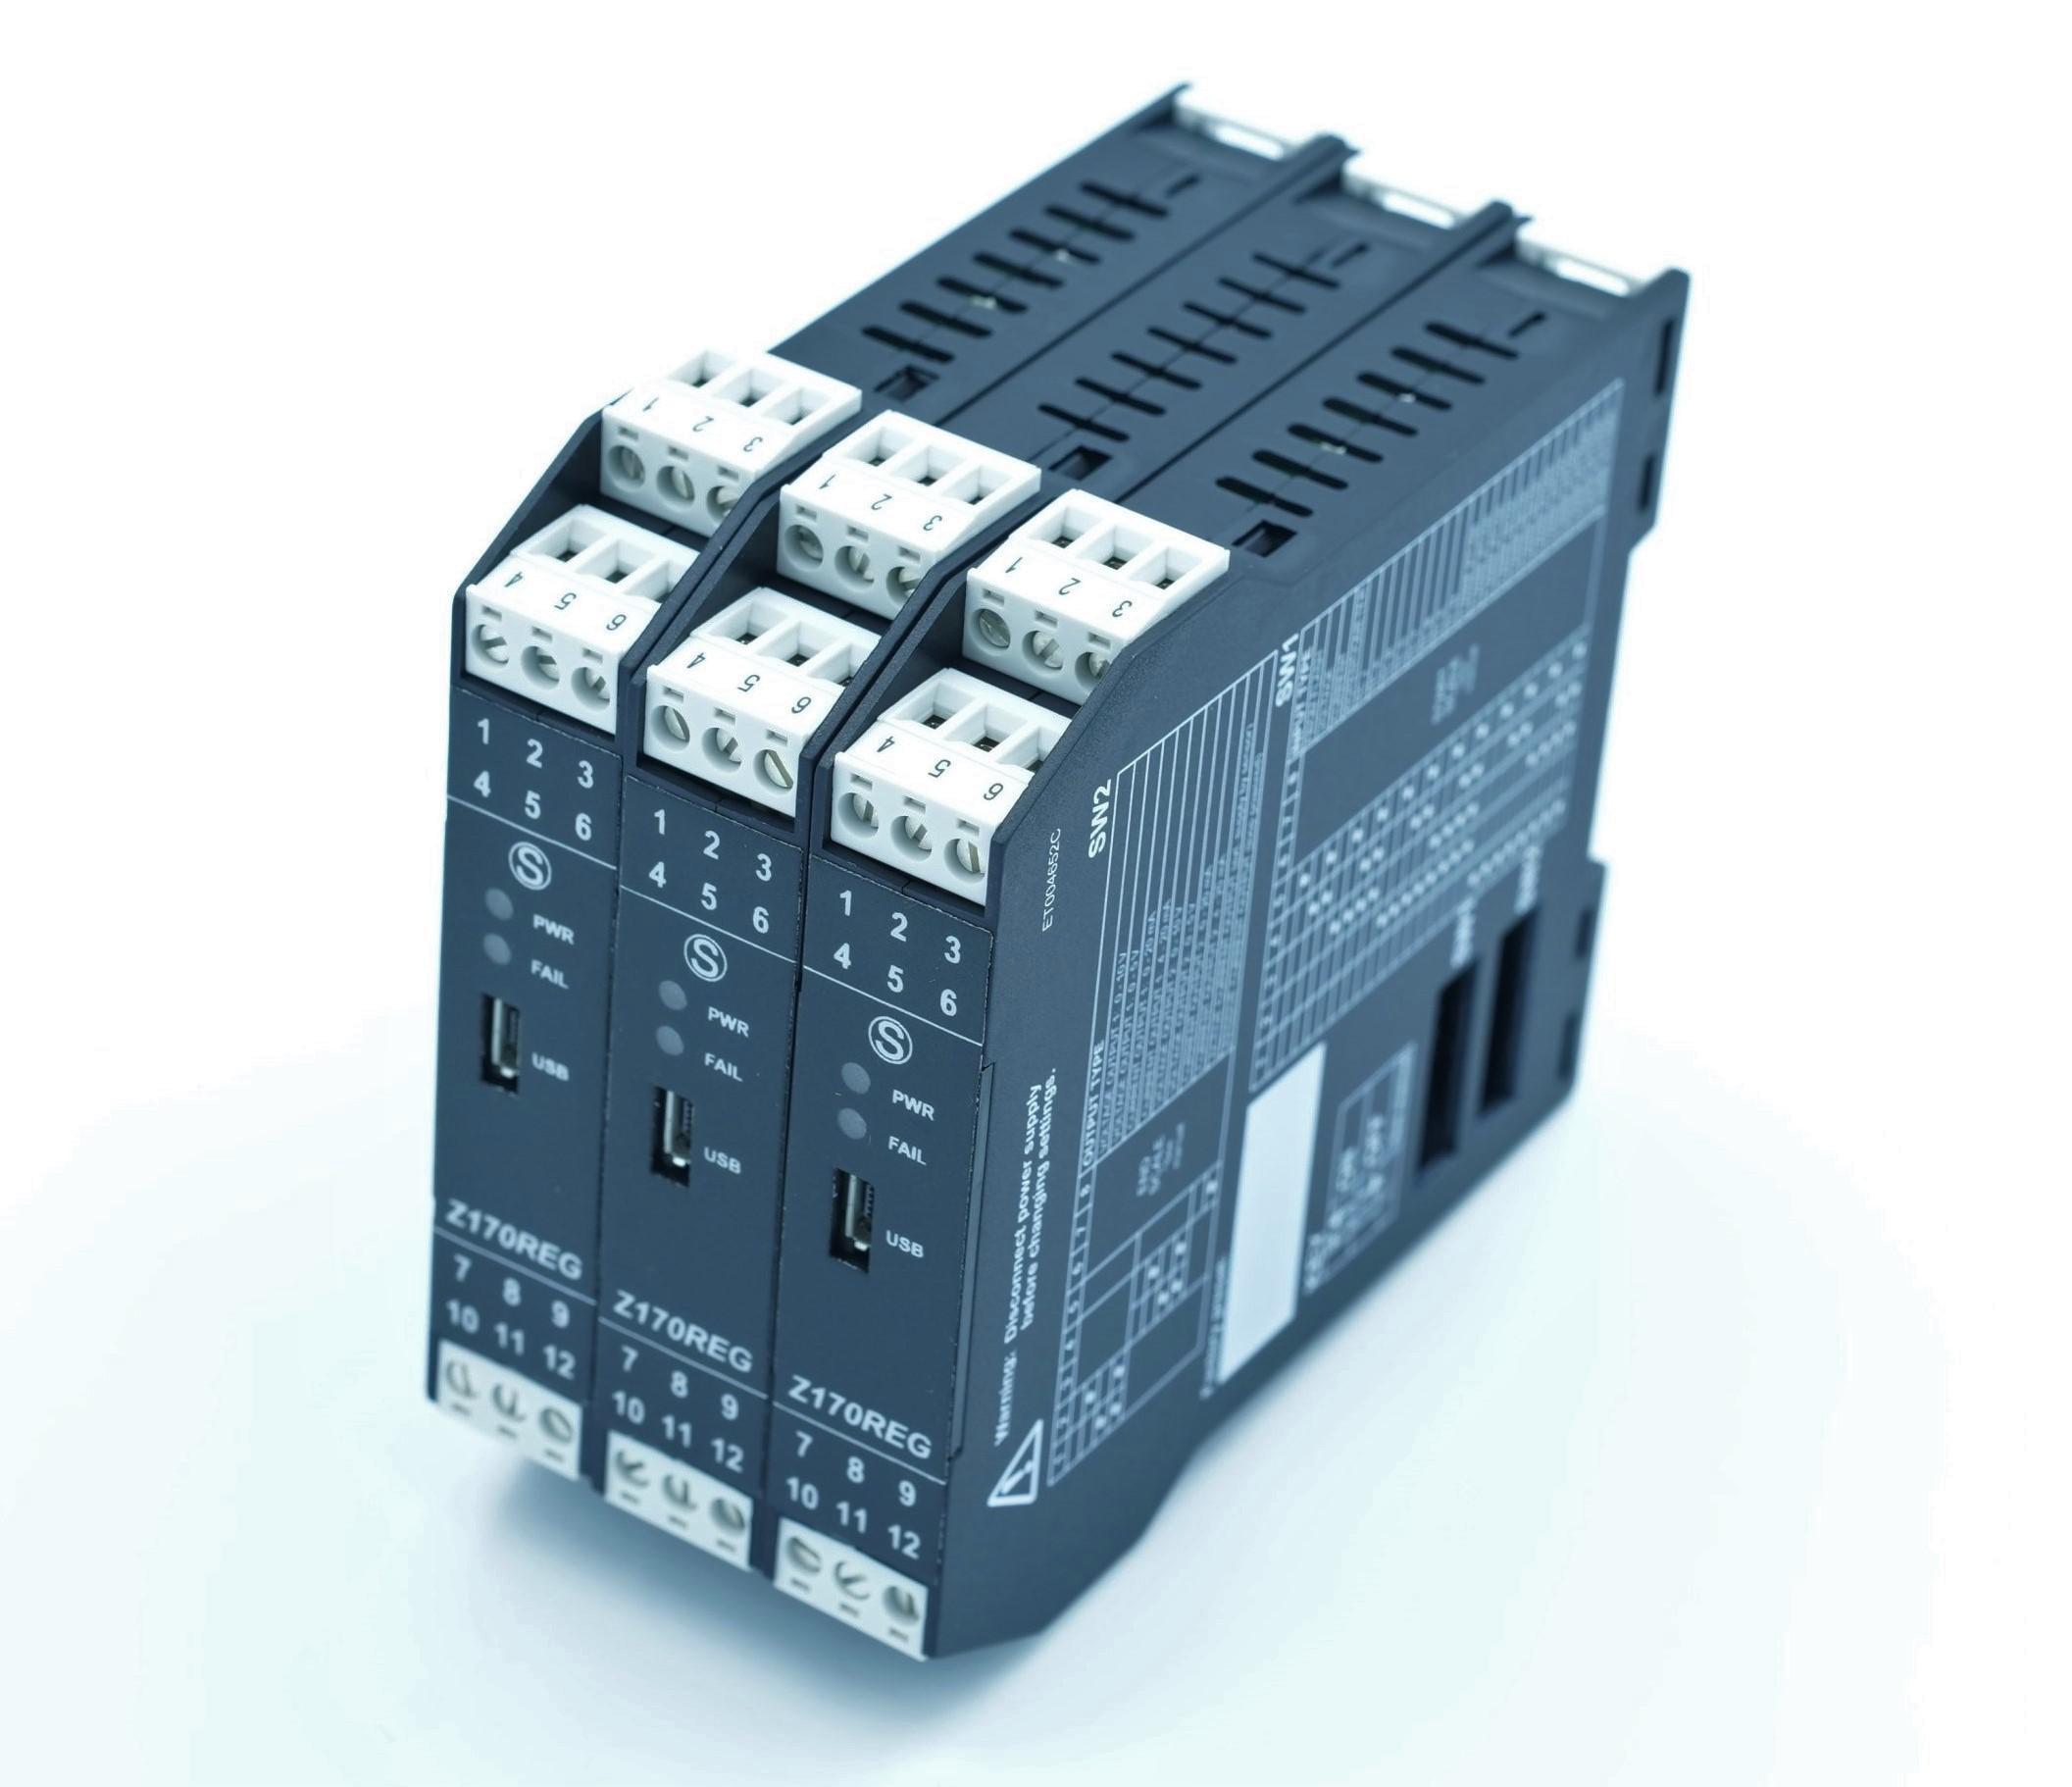 Bộ Z170REG-1 chuyển đổi tín hiệu nhiệt độ